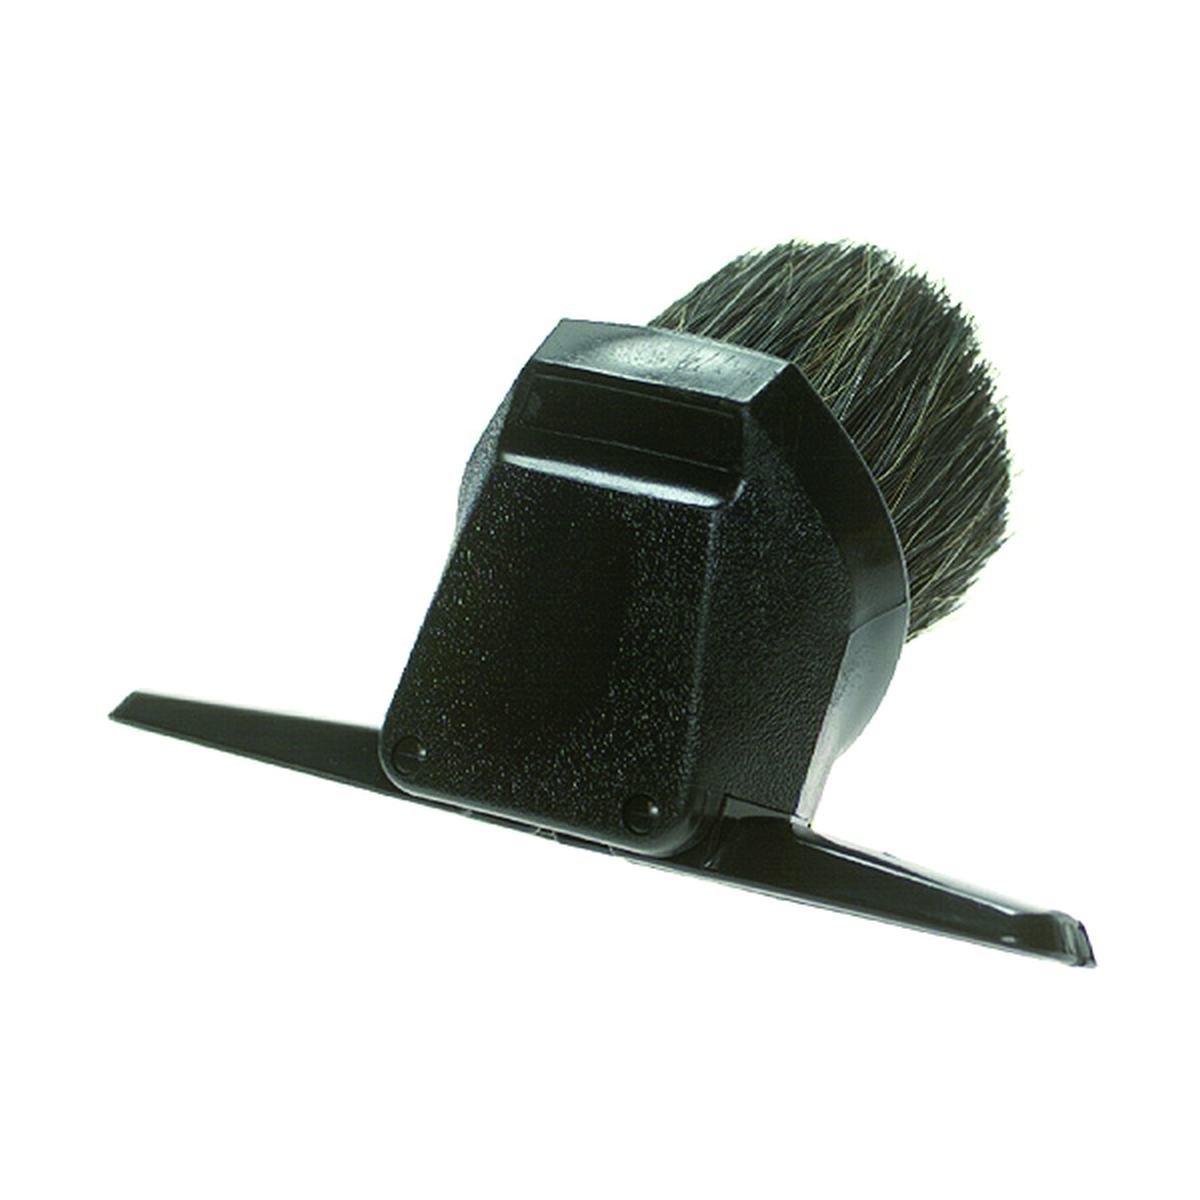 Kombineret børste- og møbelmundstykke Ø32 mm